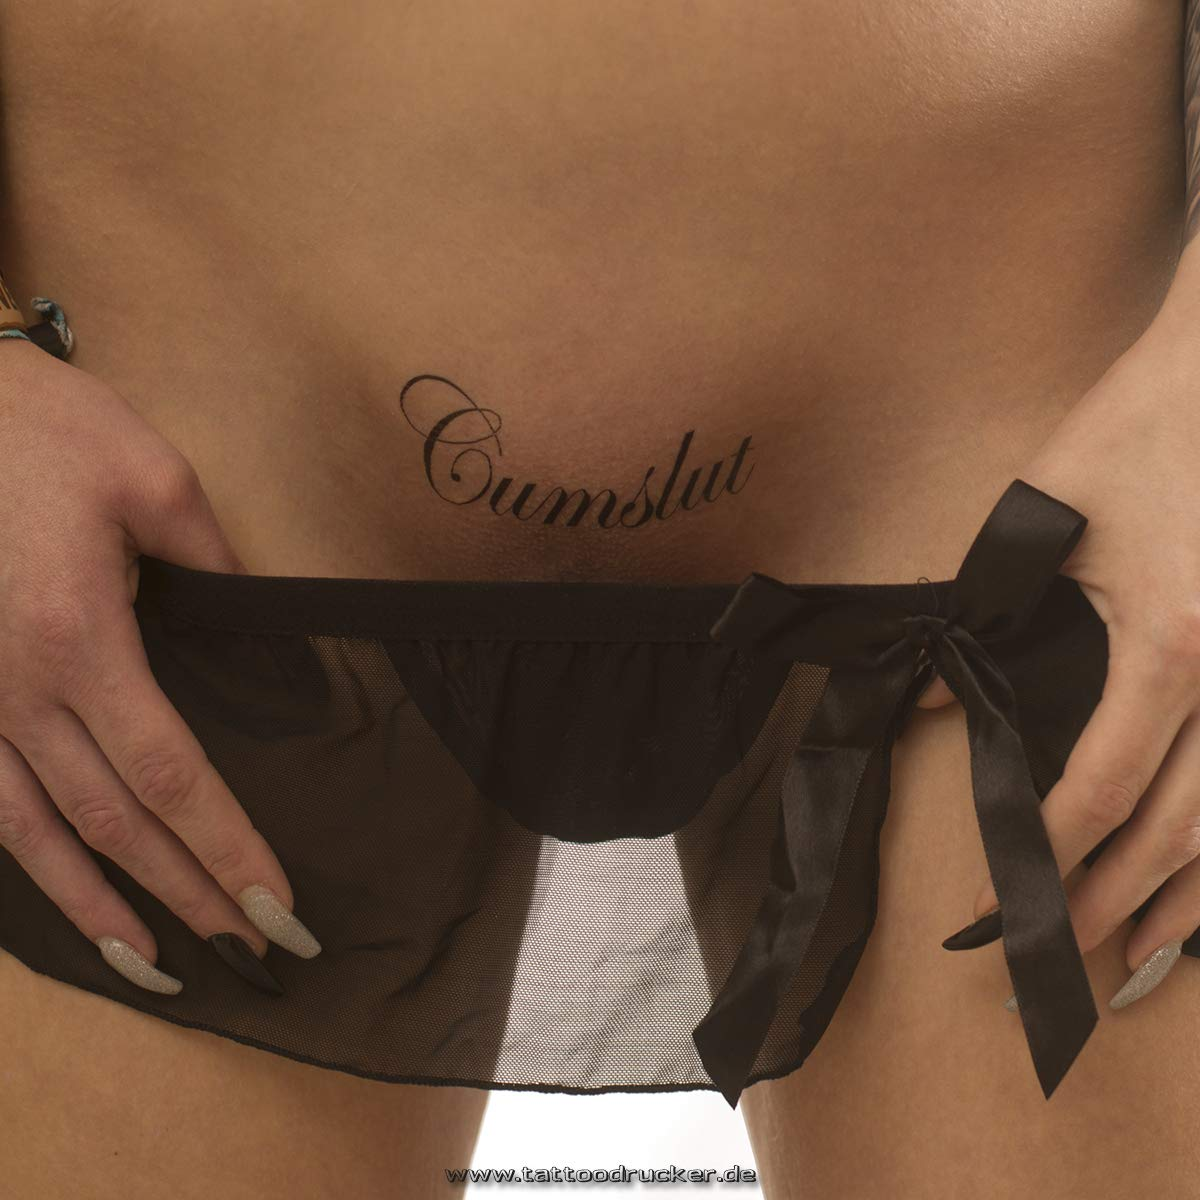 10 x Cumslut - Tattoo lettering in black - Temporary Fetish Fun Tattoo (5) TMP Cumslut-10